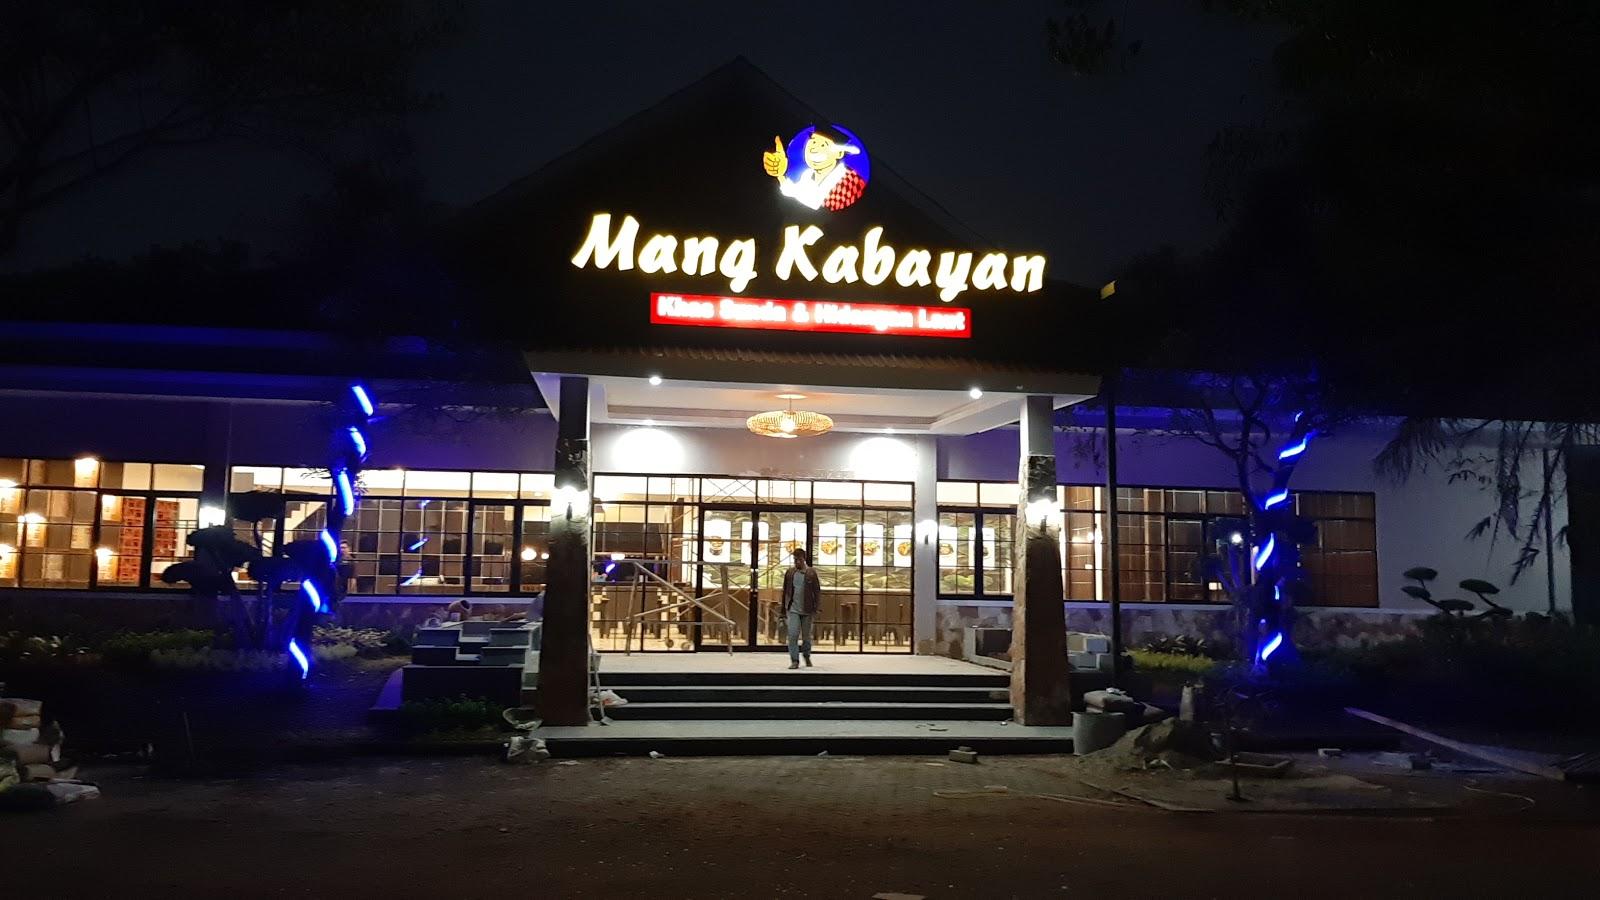 http://www.mangkabayan.co.id/2018/09/surabaya.html